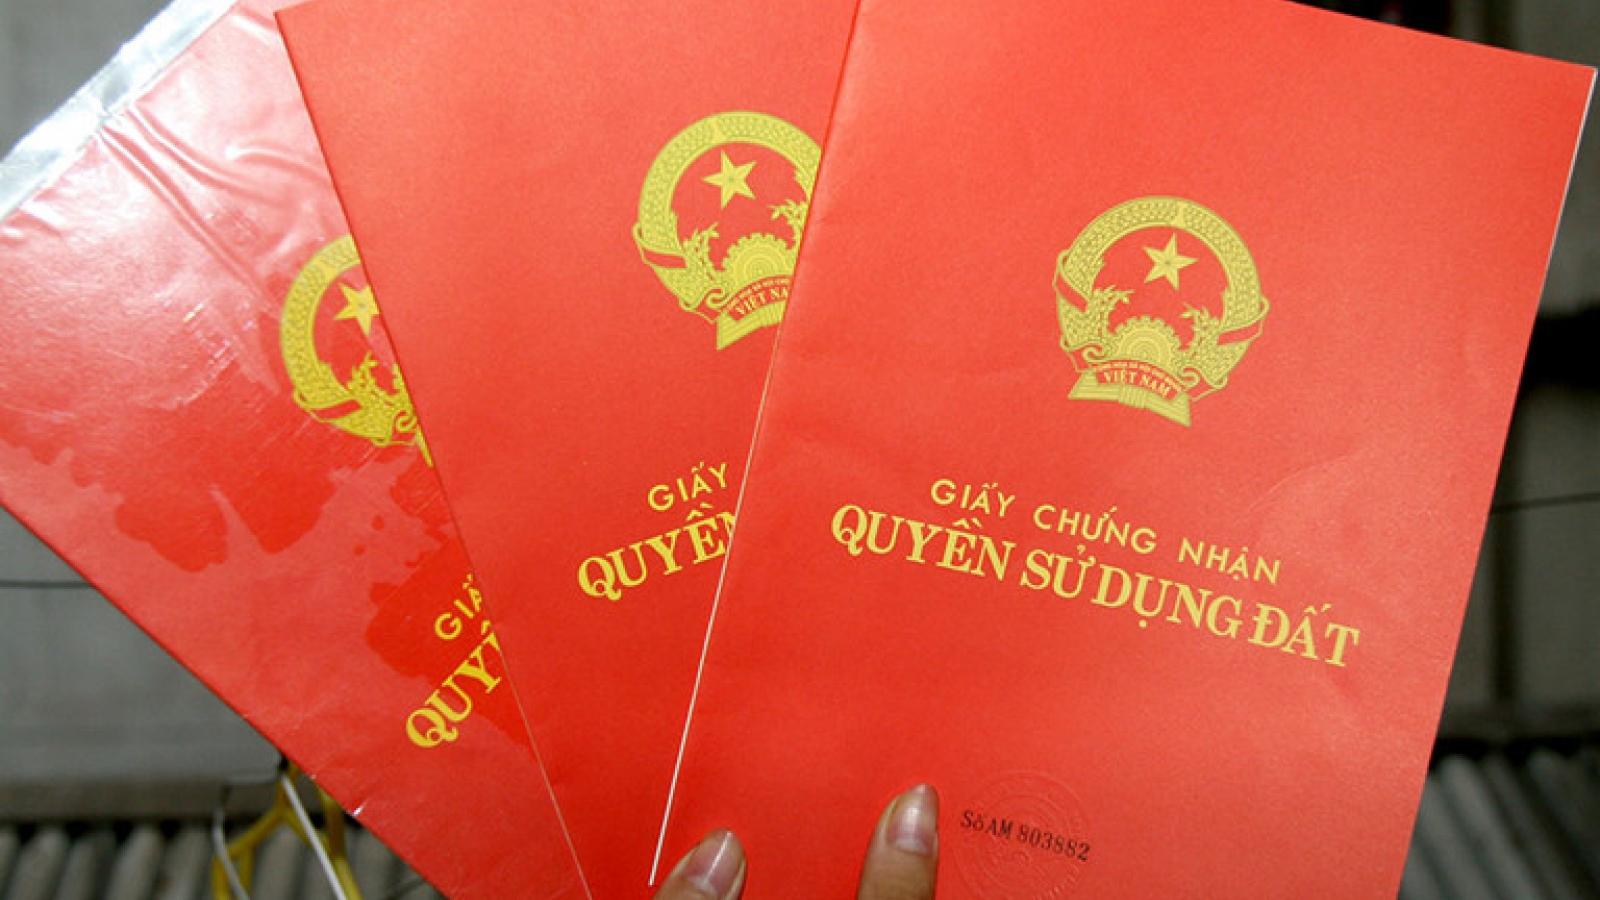 Bình Thuận thành lập Đoàn giám sát việc cấp giấy chứng nhận quyền sử dụng đất